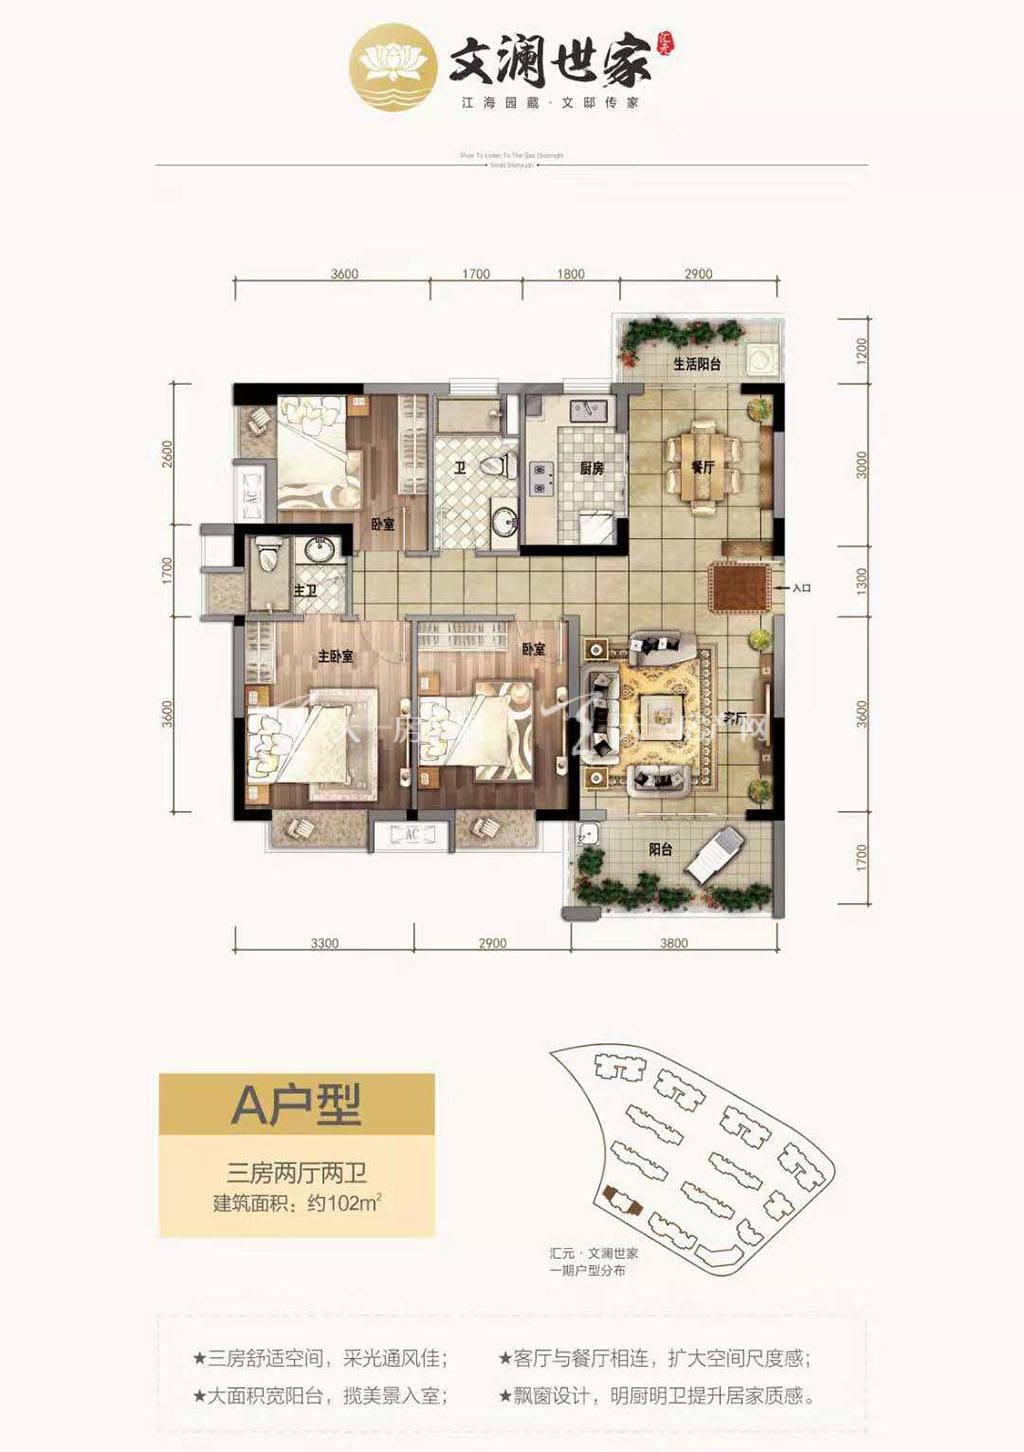 汇元文澜世家A三房两厅 建筑面积102㎡